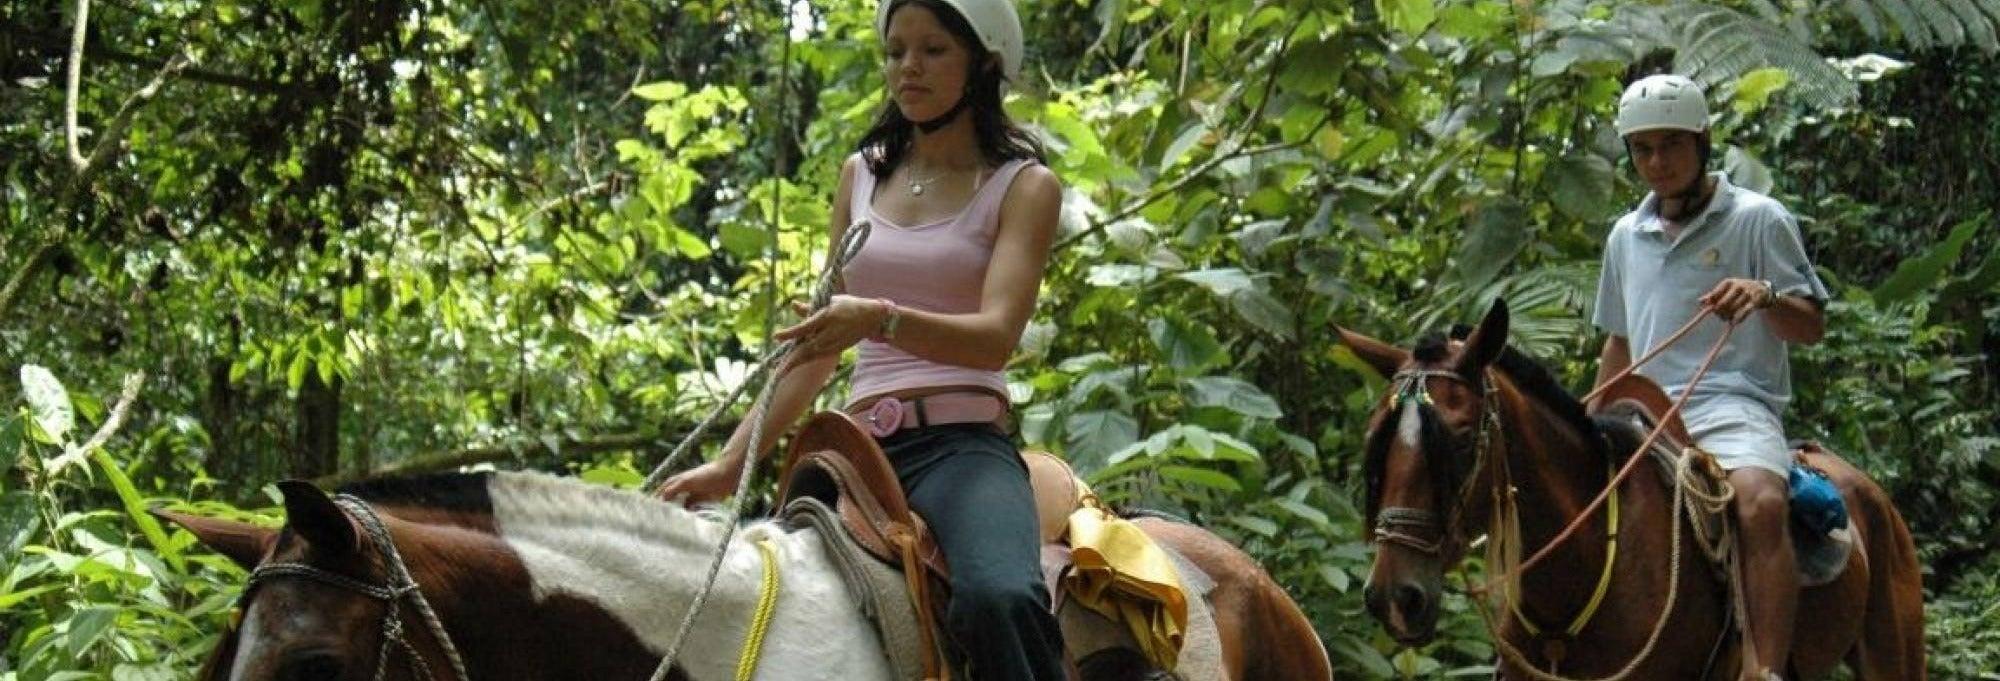 Paseo a caballo a la catarata La Fortuna